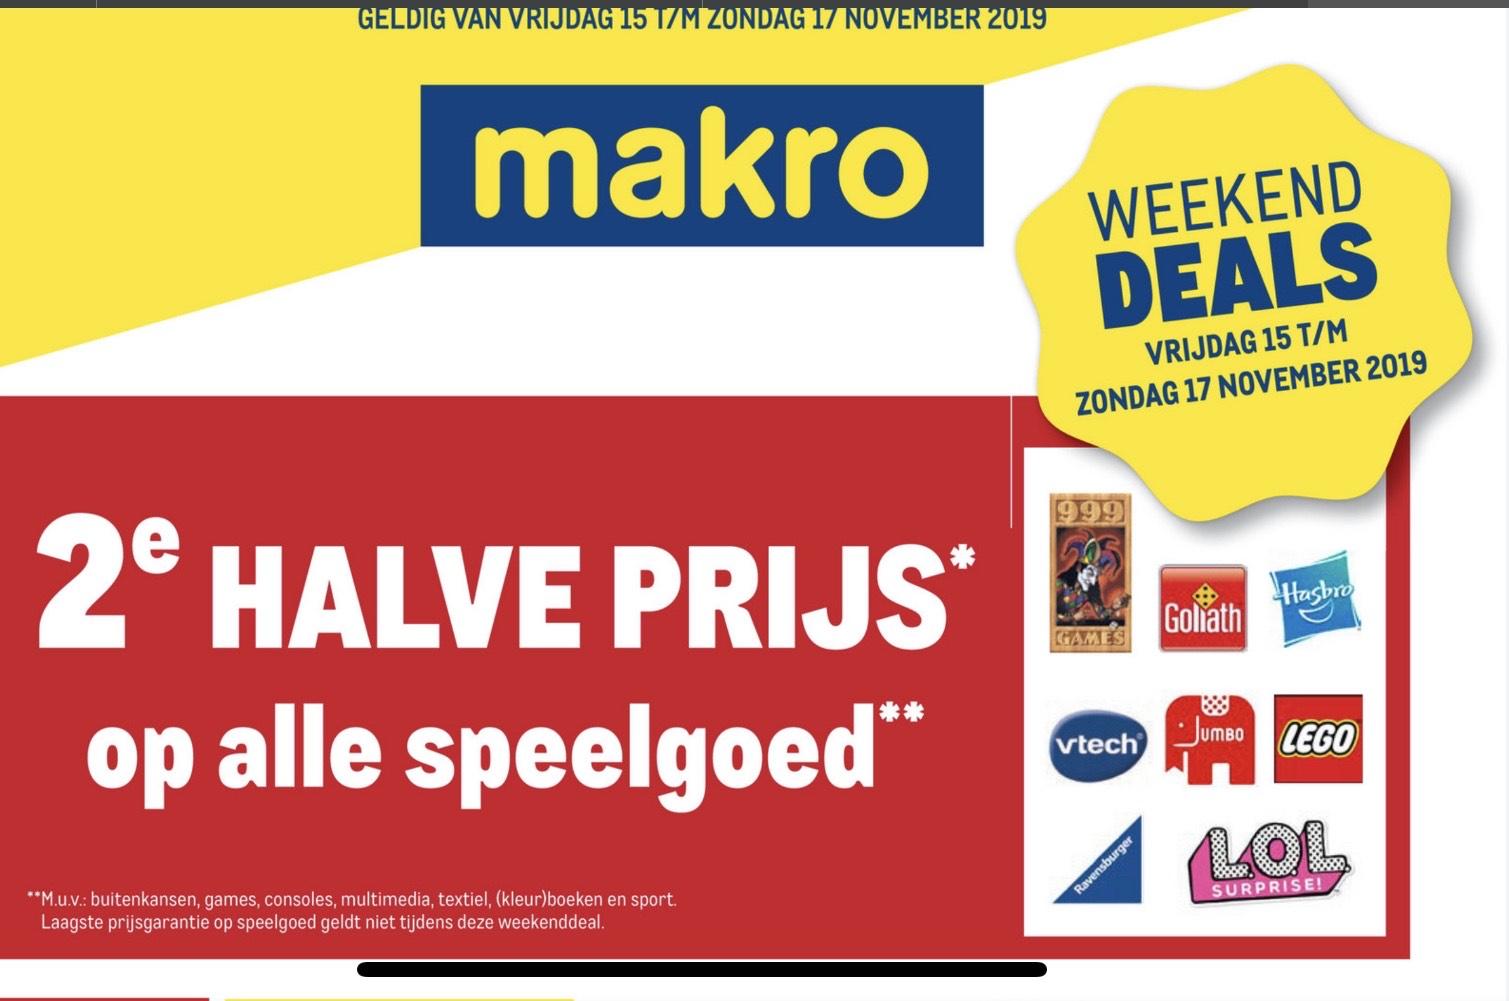 2e halve prijs op speelgoed bij Makro aankomend weekend.